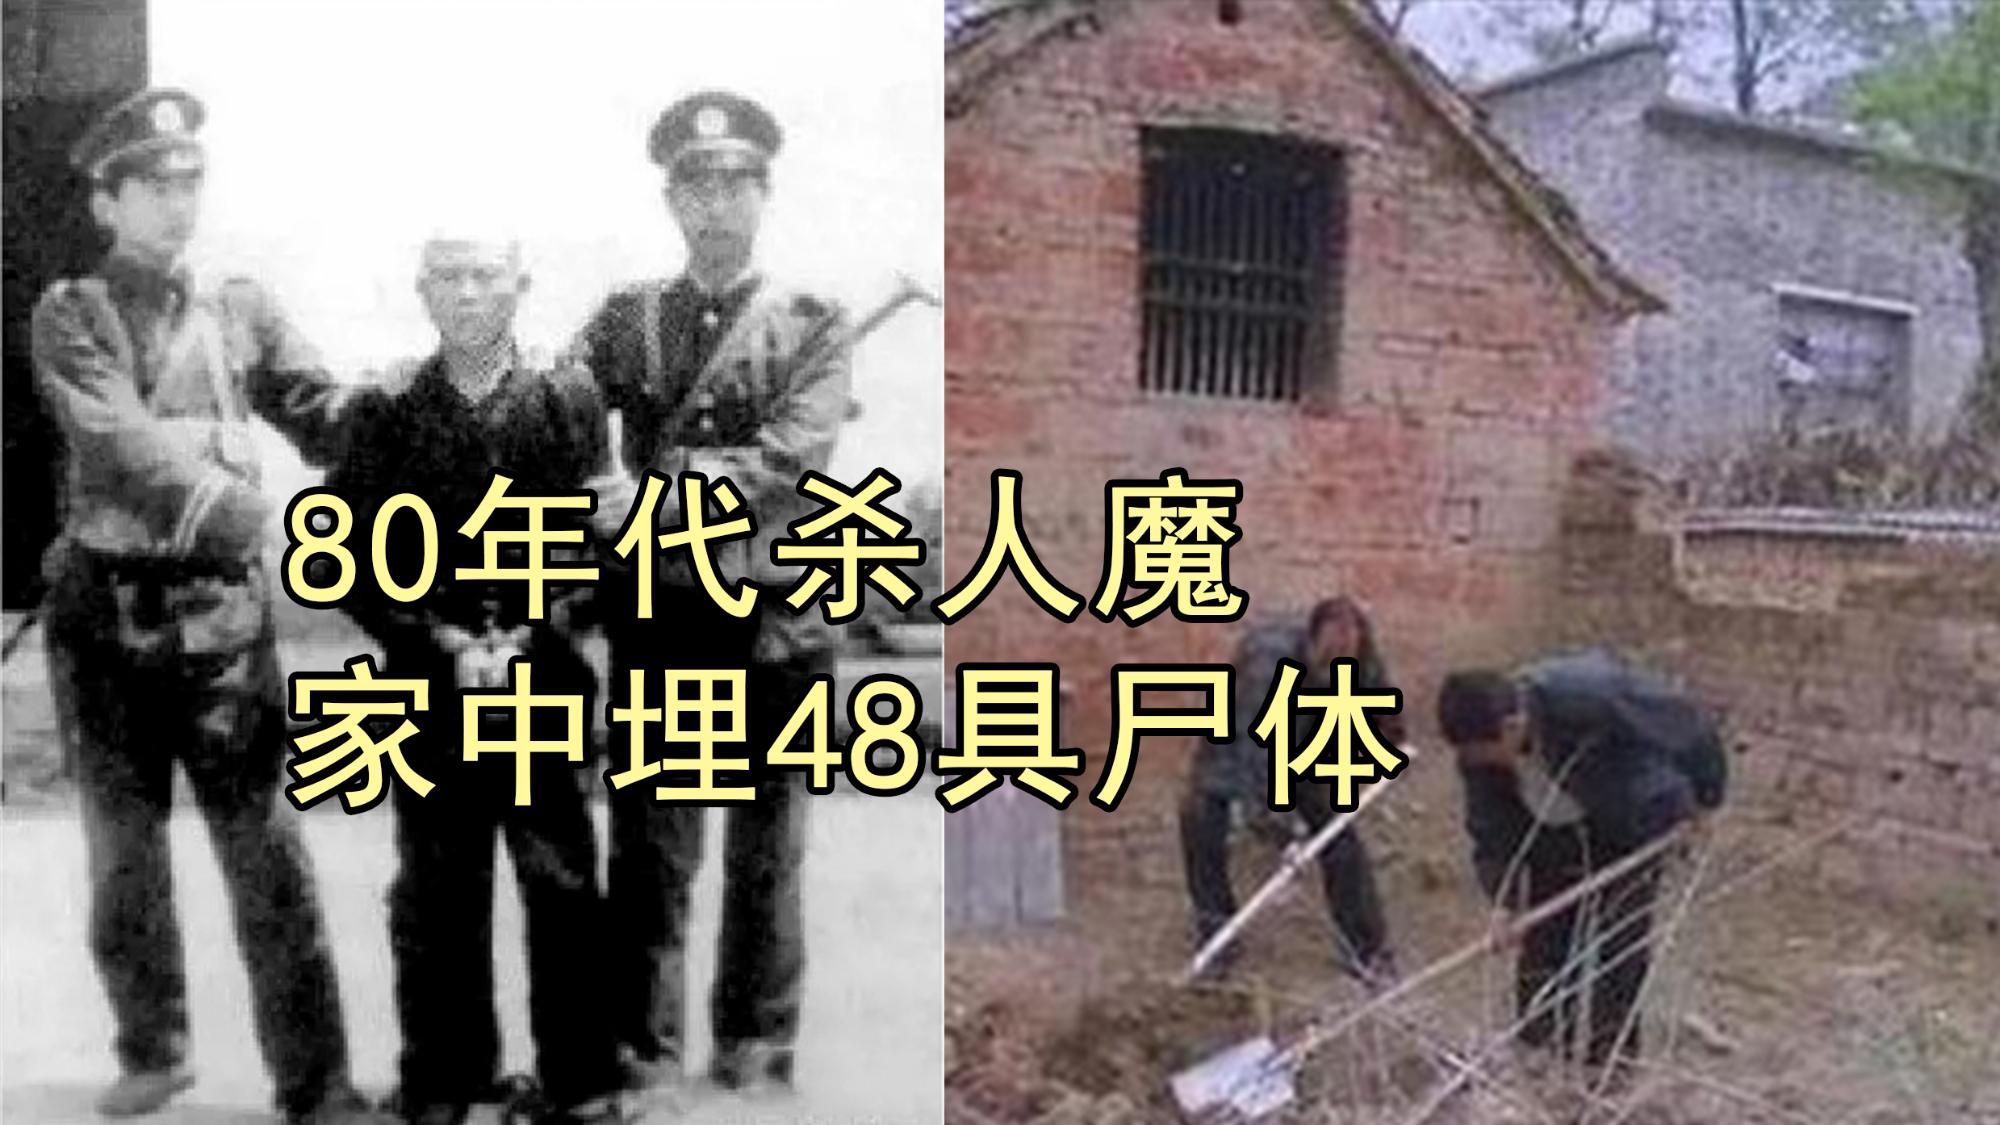 80年代杀人狂魔,家中埋48具尸体